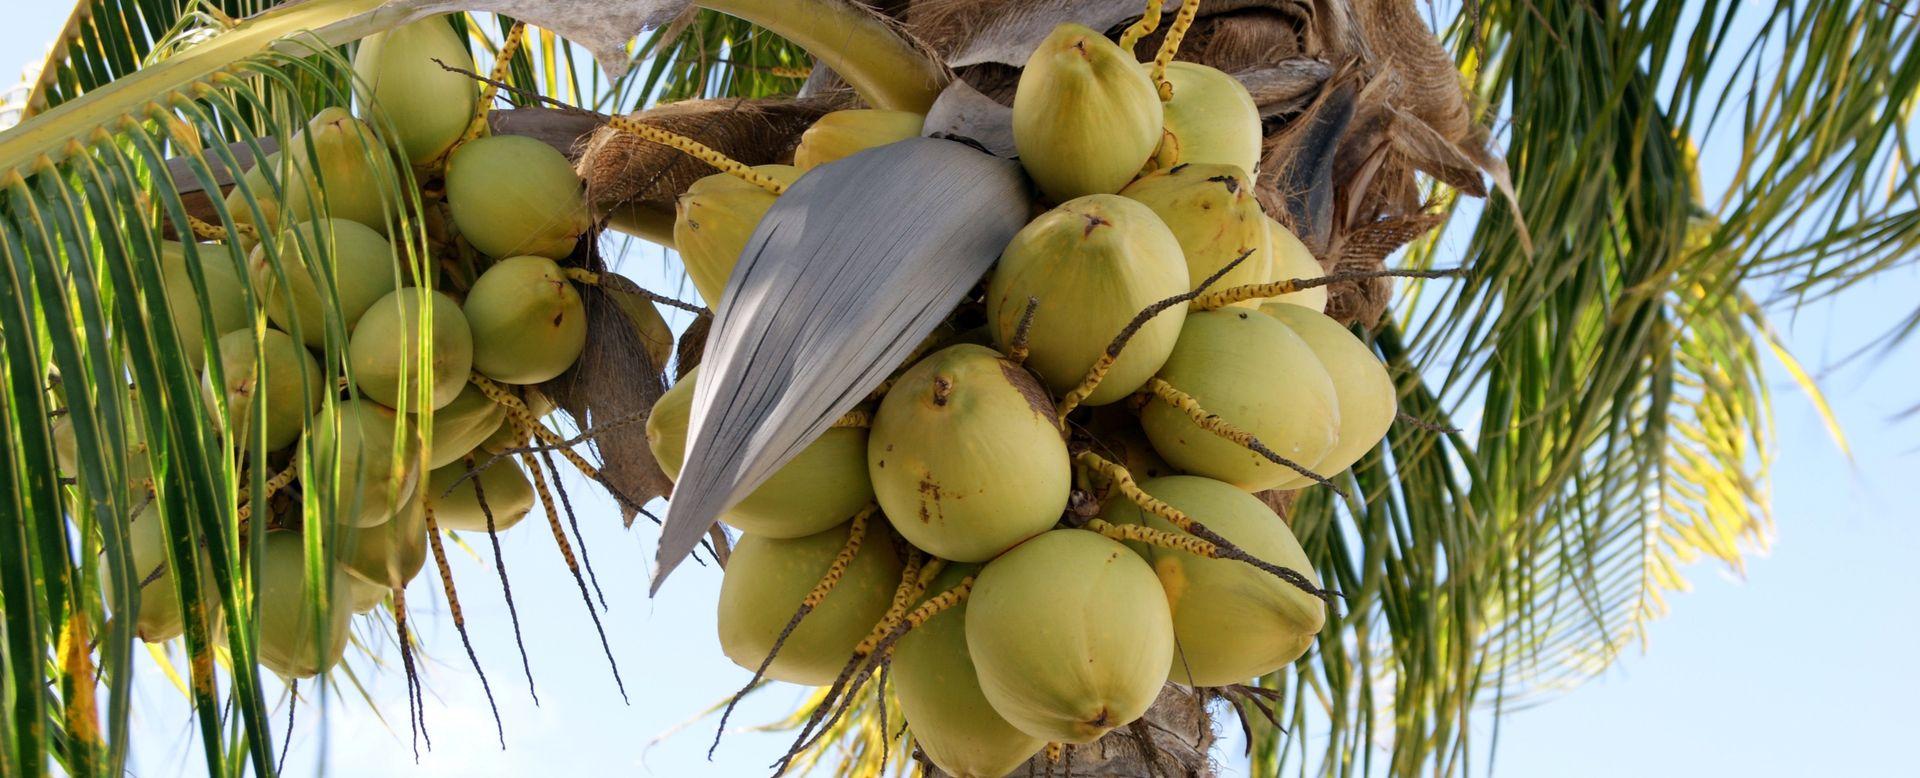 Что внутри кокоса — вода или молоко?